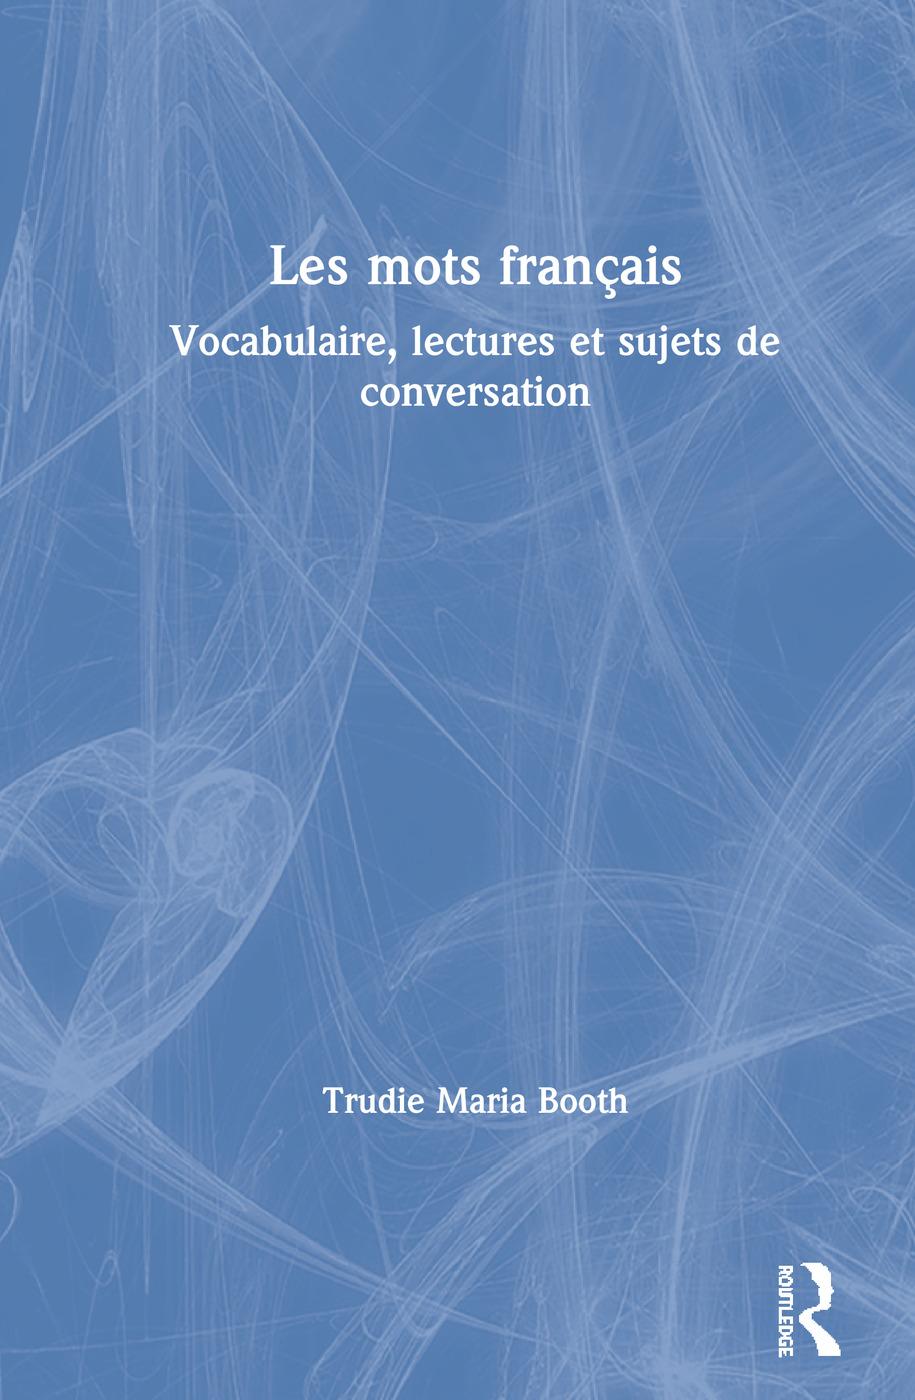 Les mots français: Vocabulaire, lectures et sujets de conversation book cover